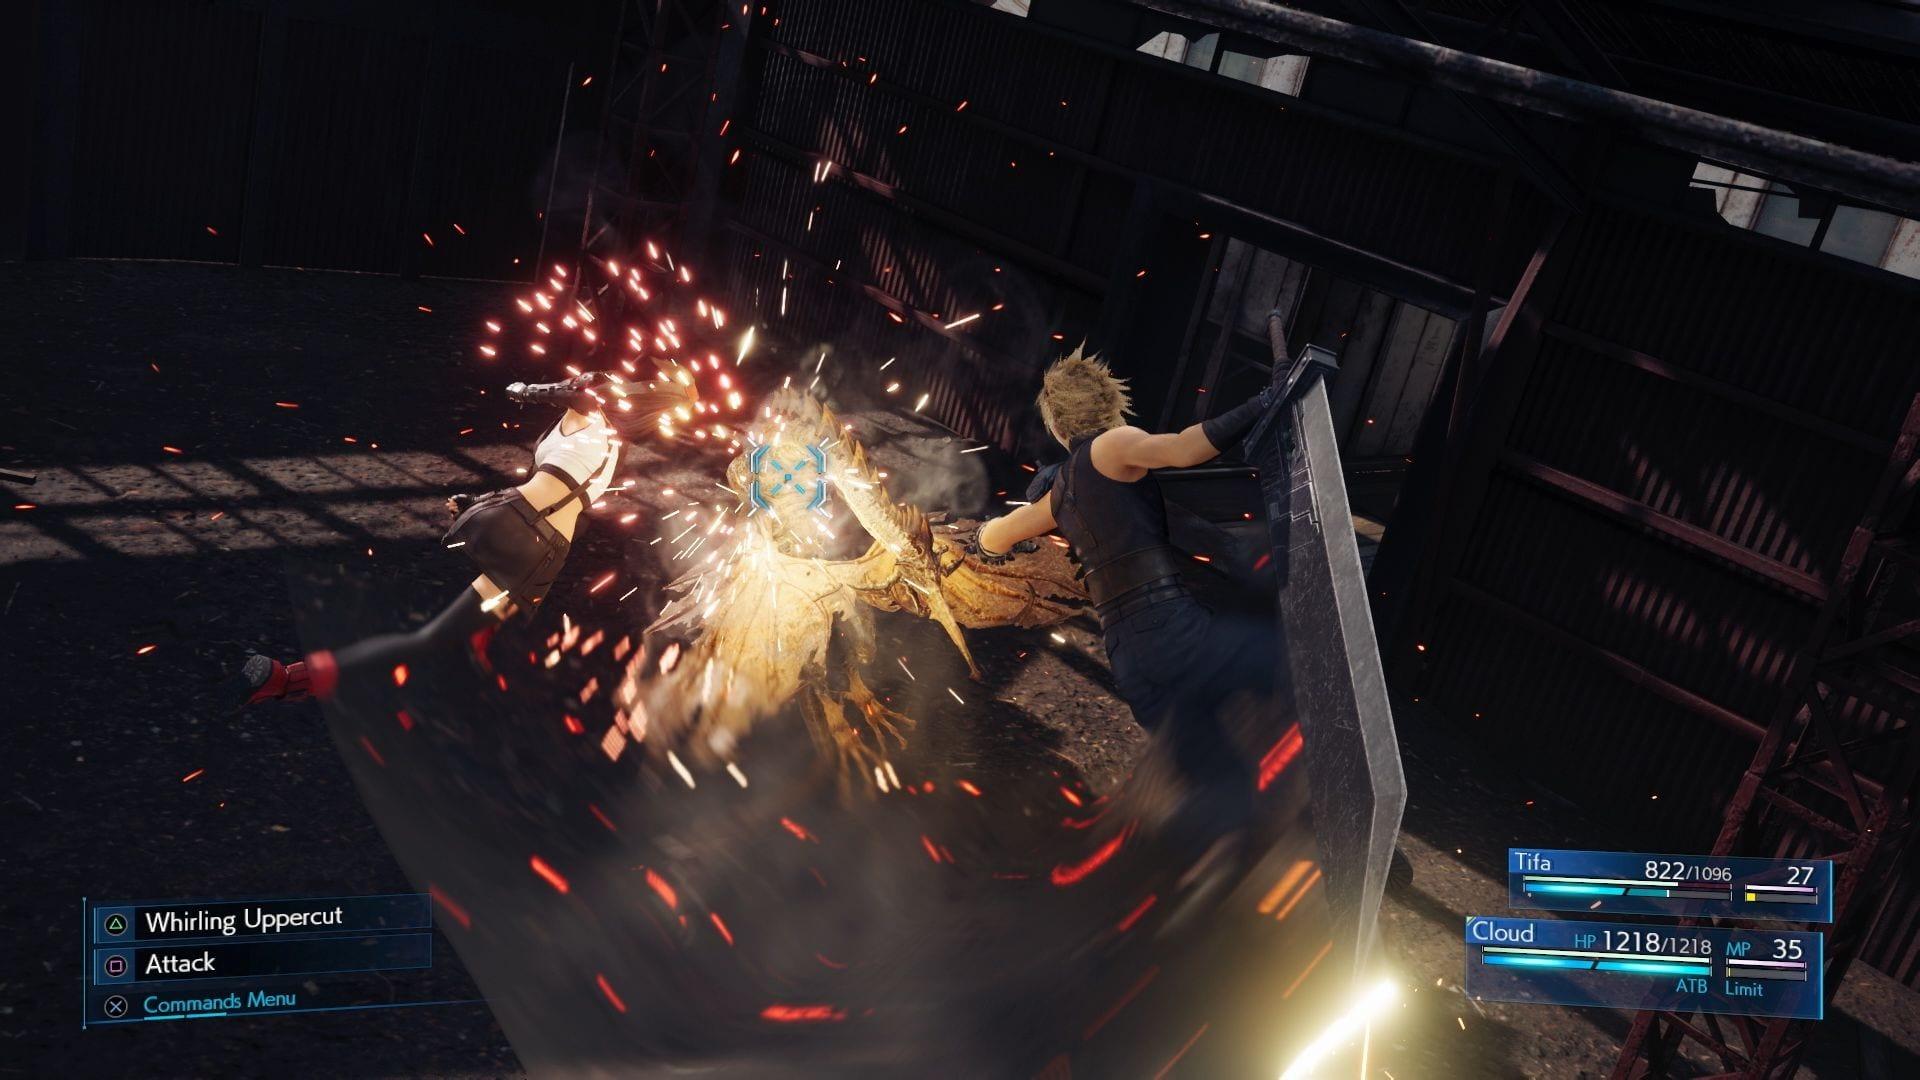 最终幻想7重制版伊弗利特魔晶石怎么获得